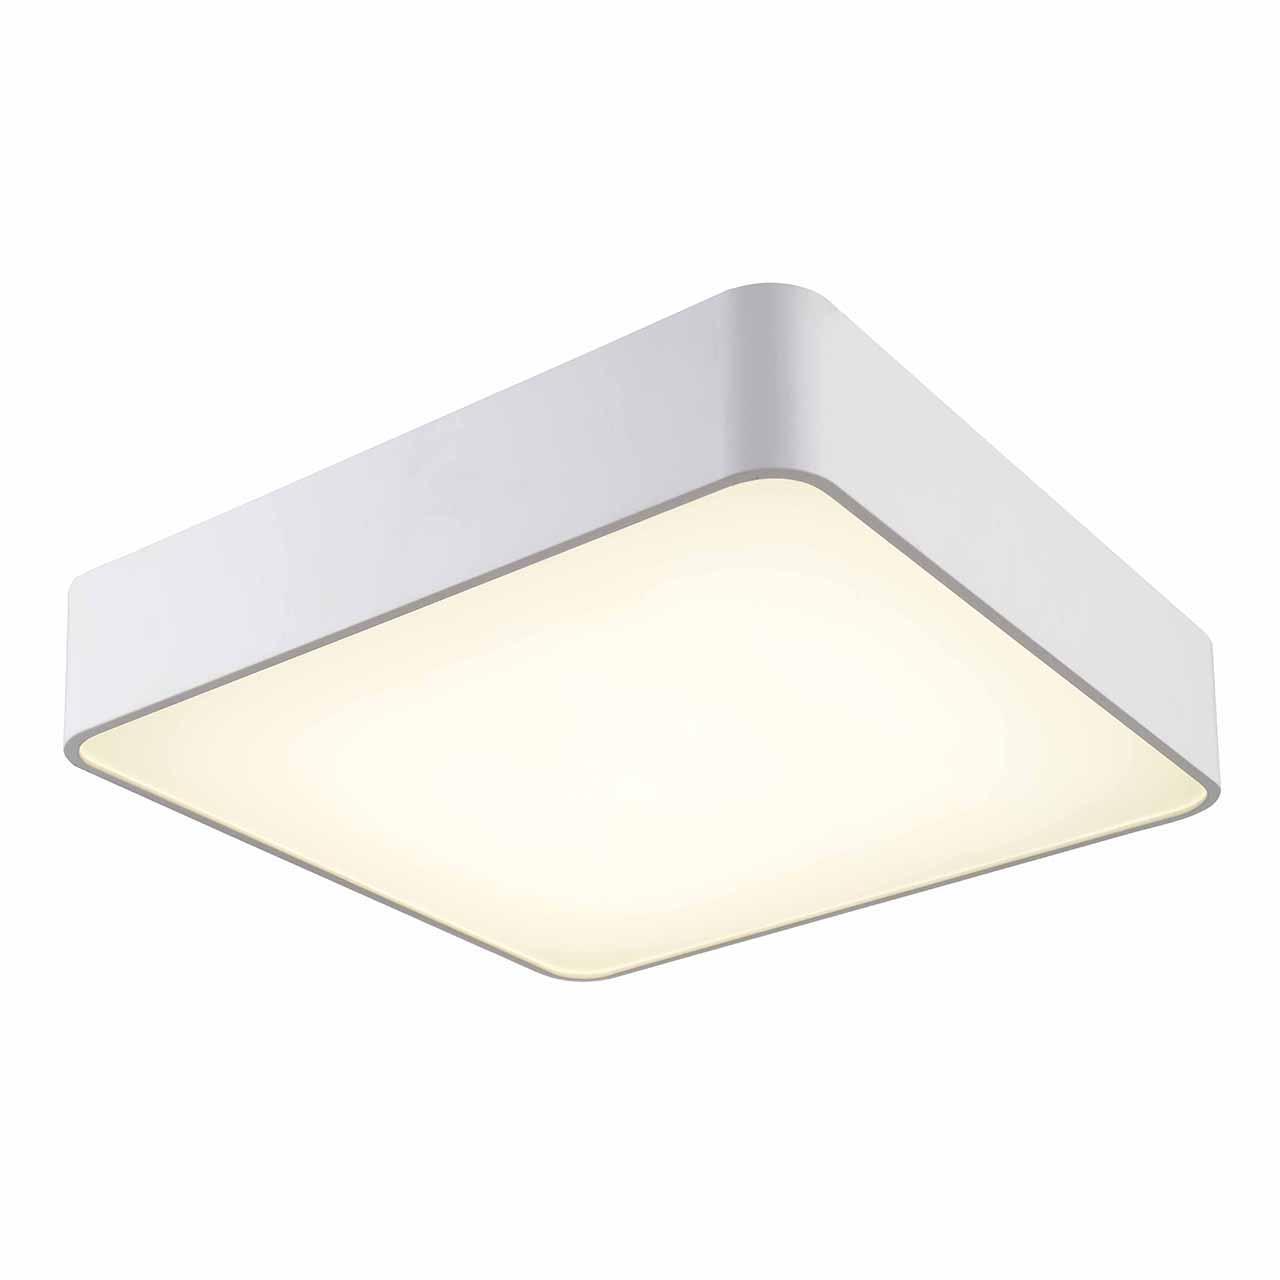 Потолочный светодиодный светильник Mantra Cumbuco 5502 mantra потолочный светодиодный светильник mantra ari 5926